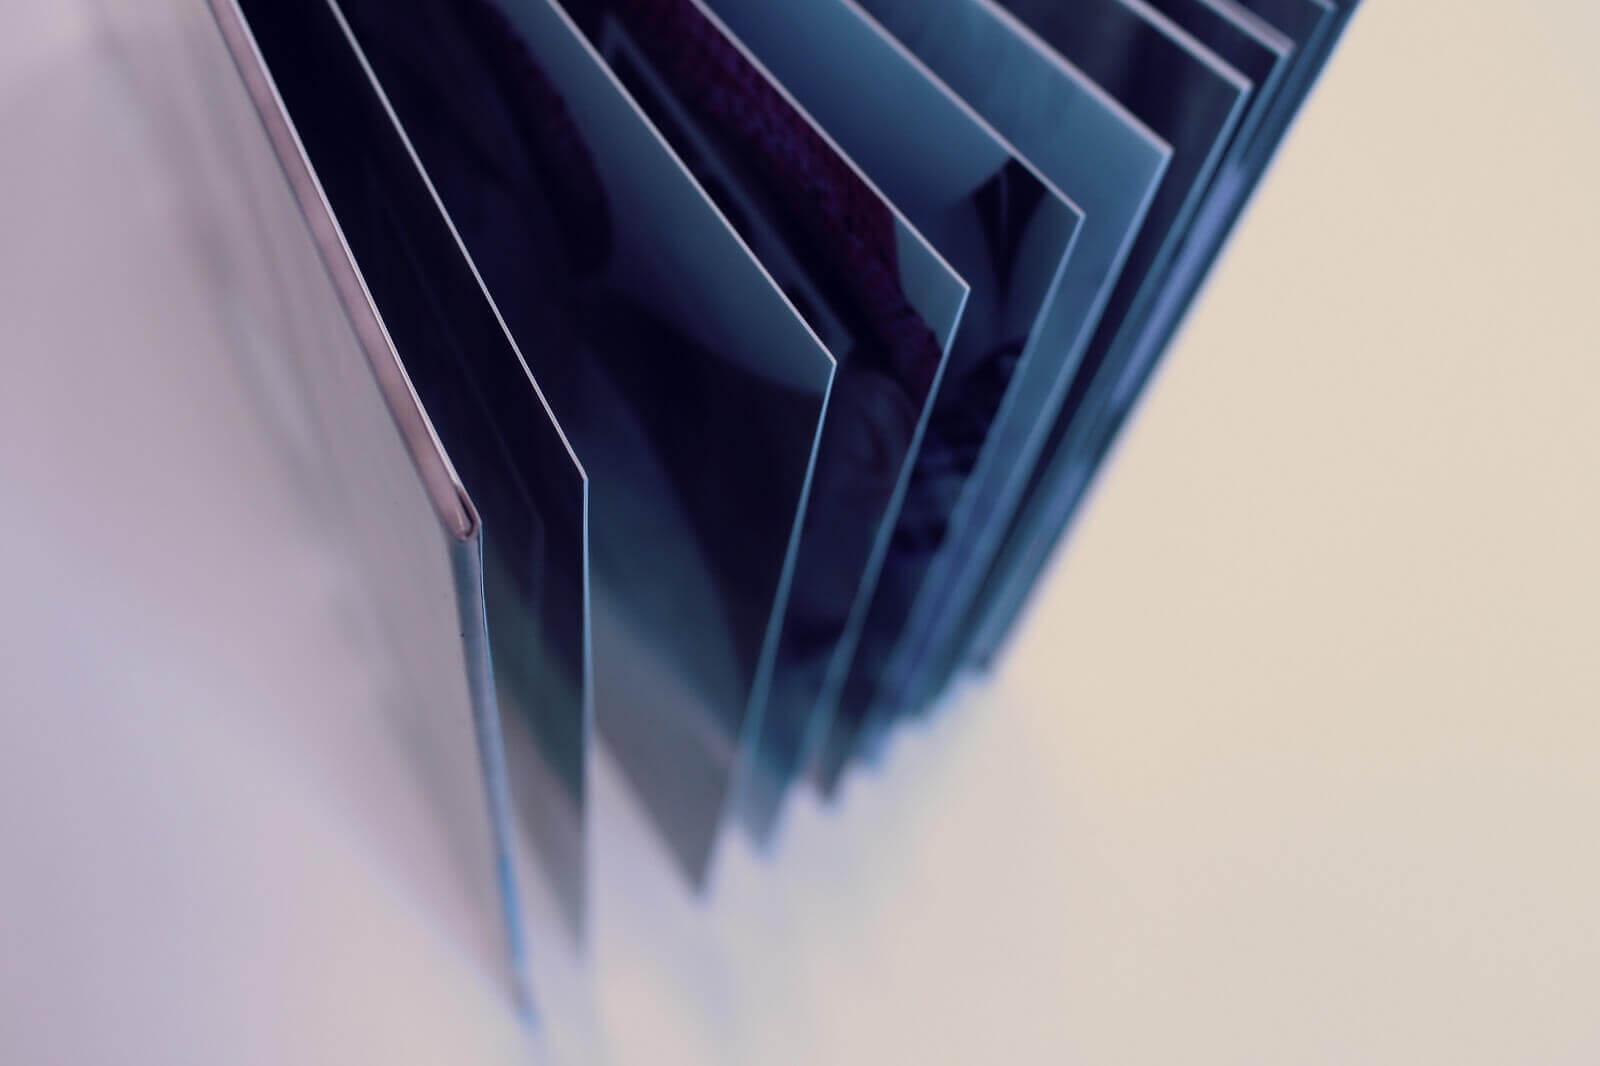 Deluxe fotoboek met extra dikke pagina's